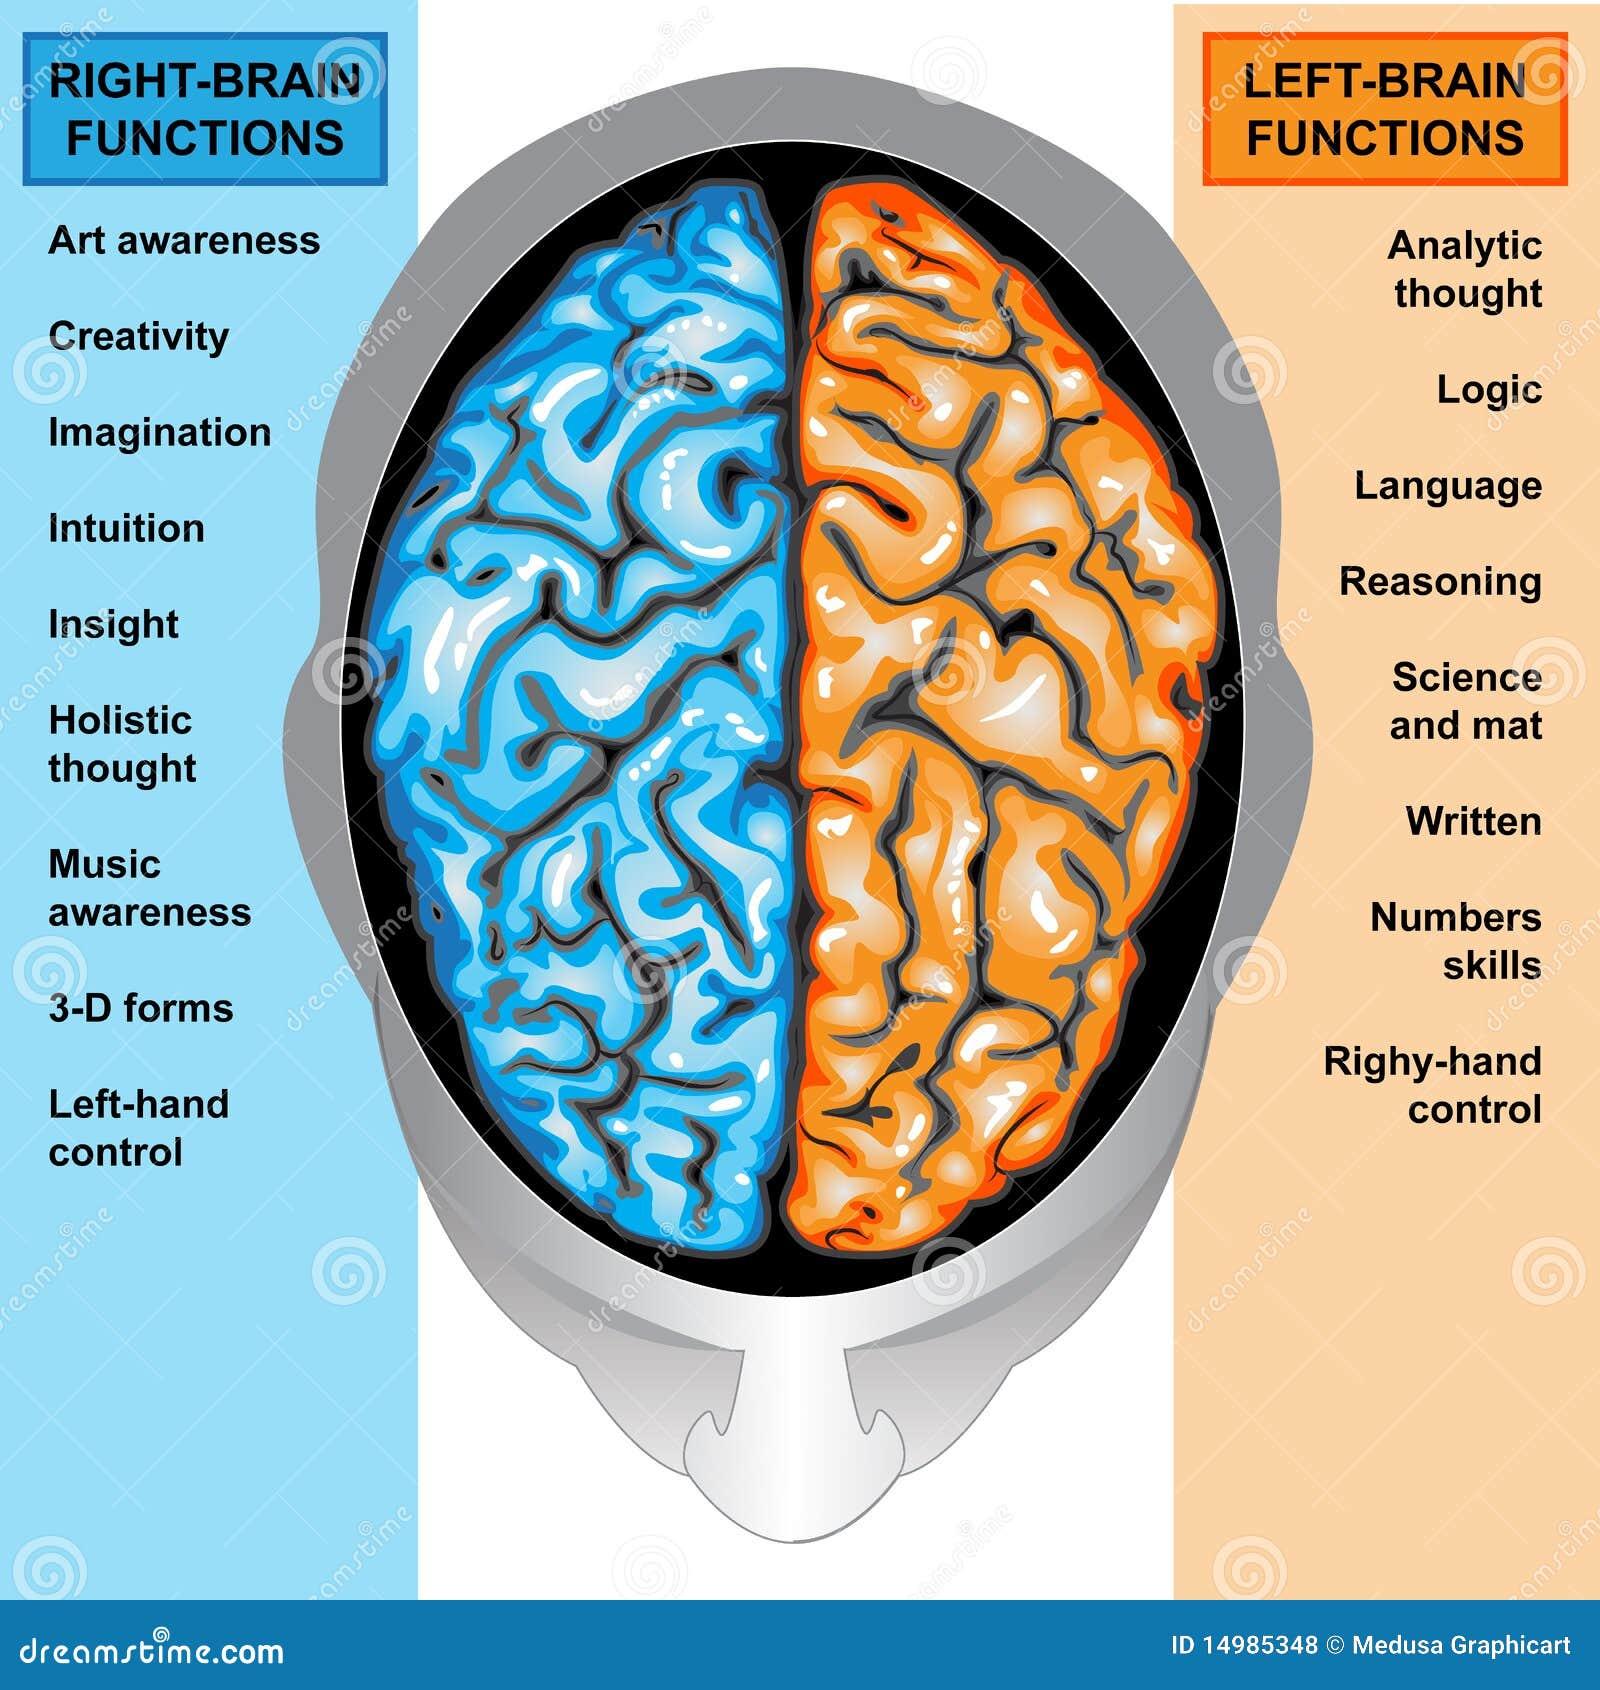 Anatomie Und Funktionen Des Menschlichen Gehirns Vektor Abbildung ...